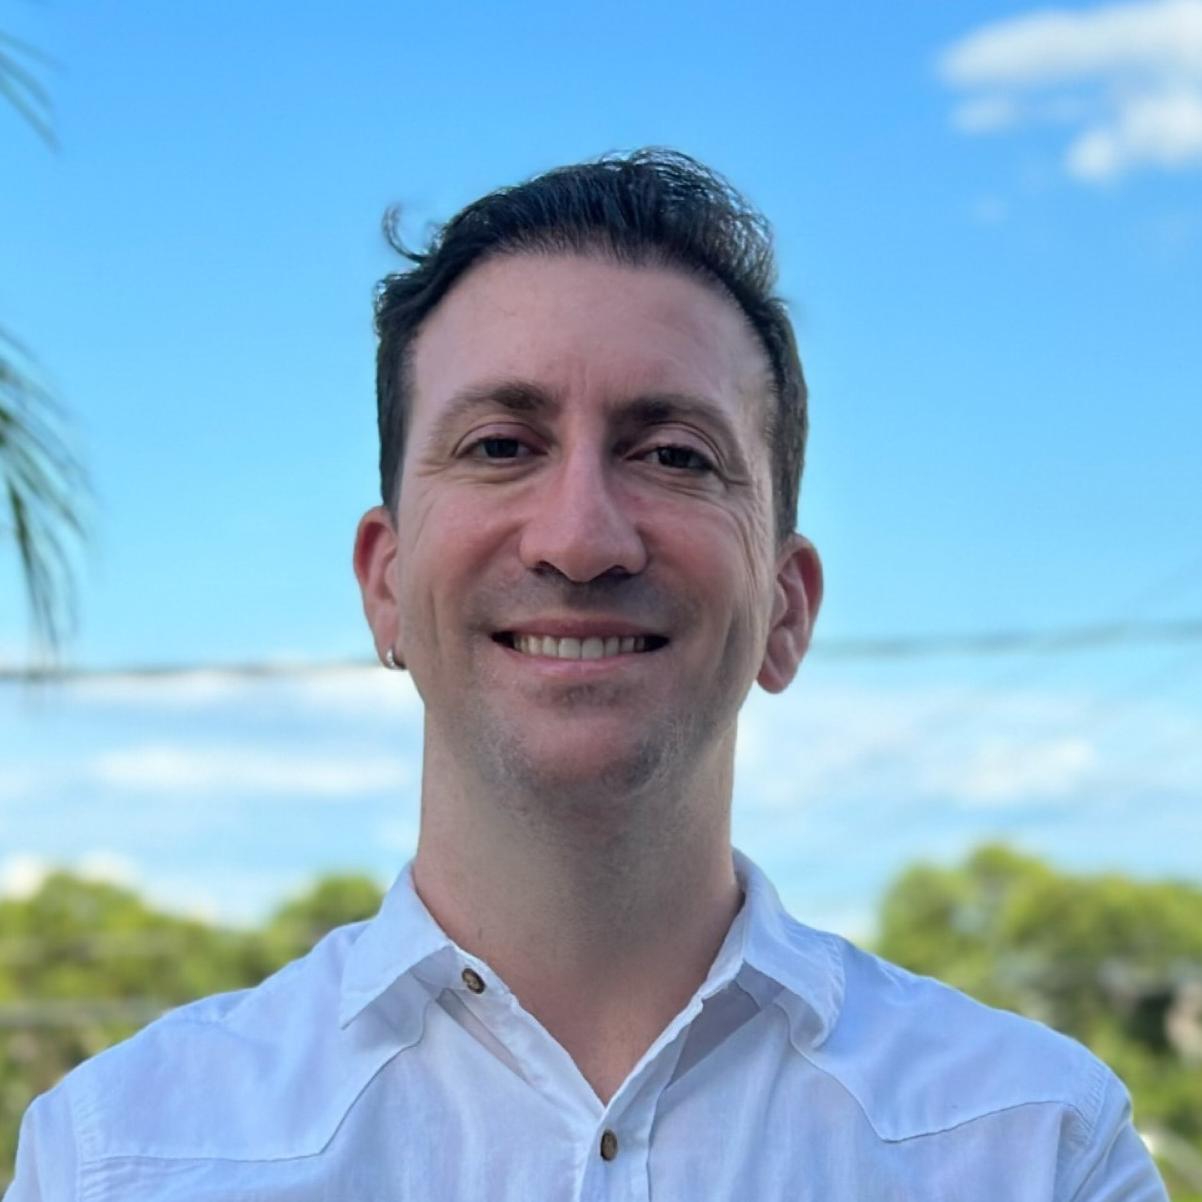 Márcio Caetano Martins